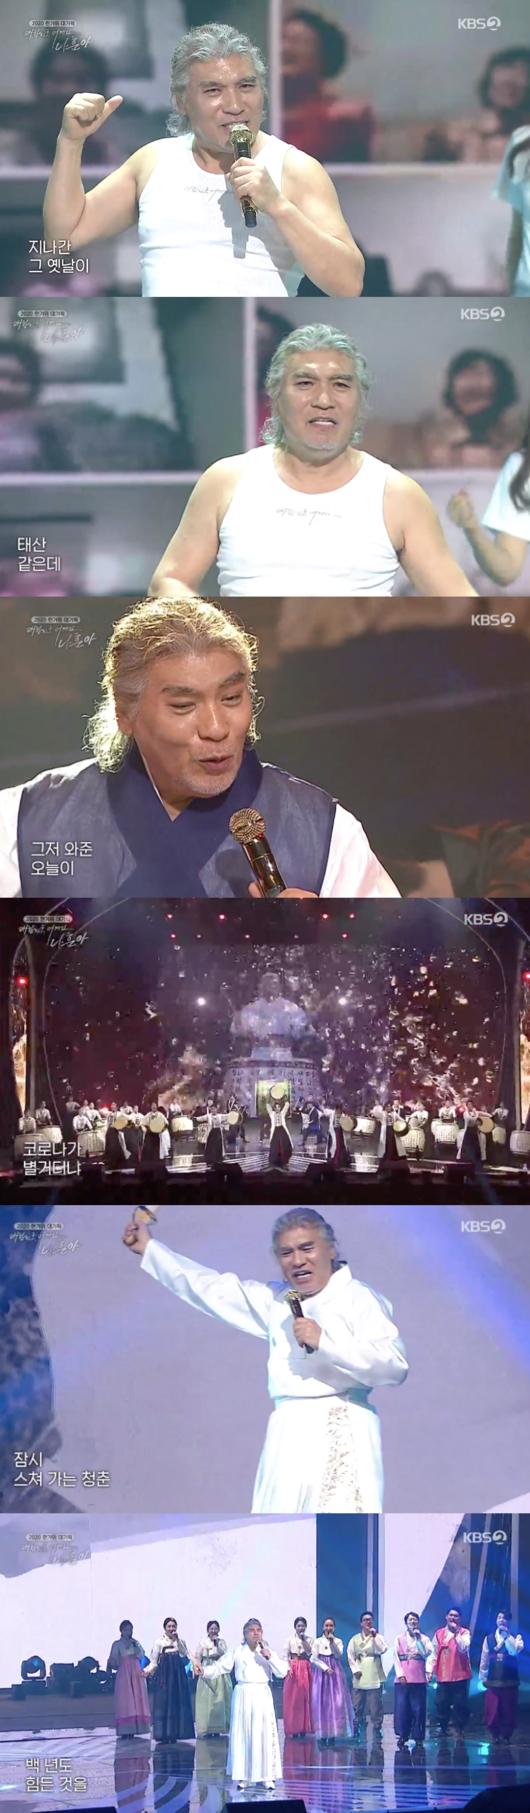 2020 나훈아 콘서트 방송 캡처